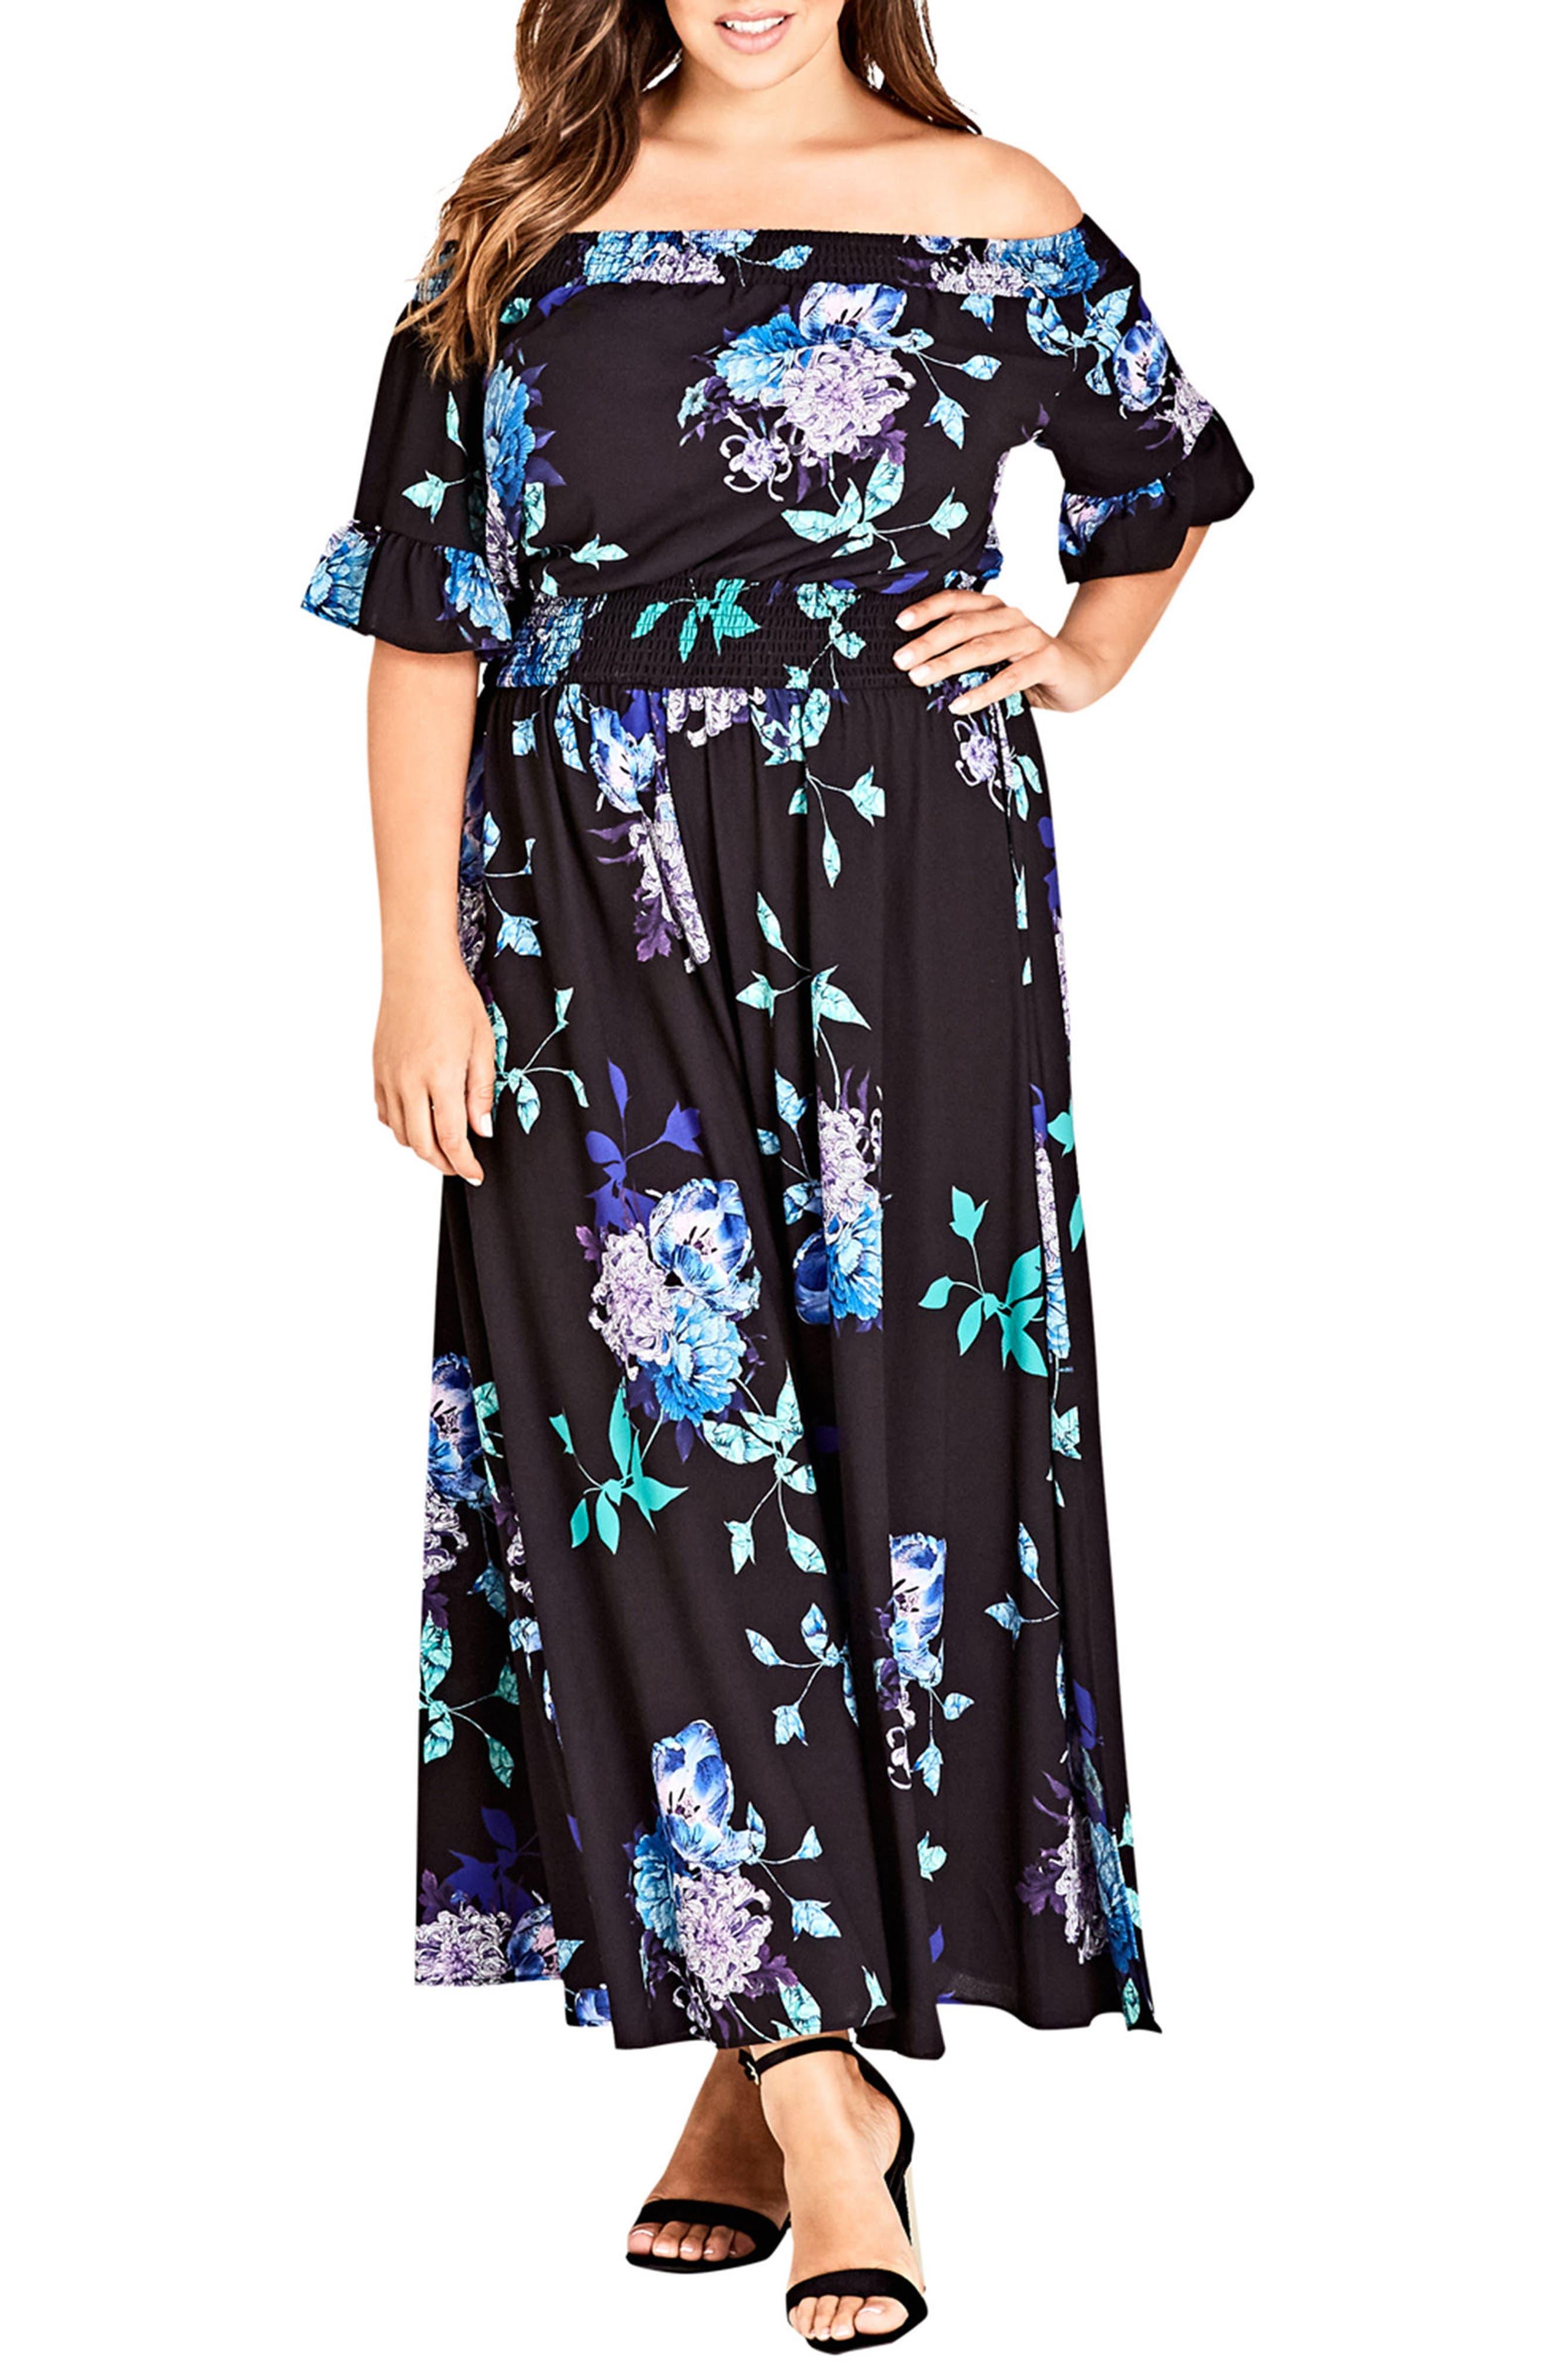 Suzu Floral Maxi Off the Shoulder Dress,                             Main thumbnail 1, color,                             Suzu Floral